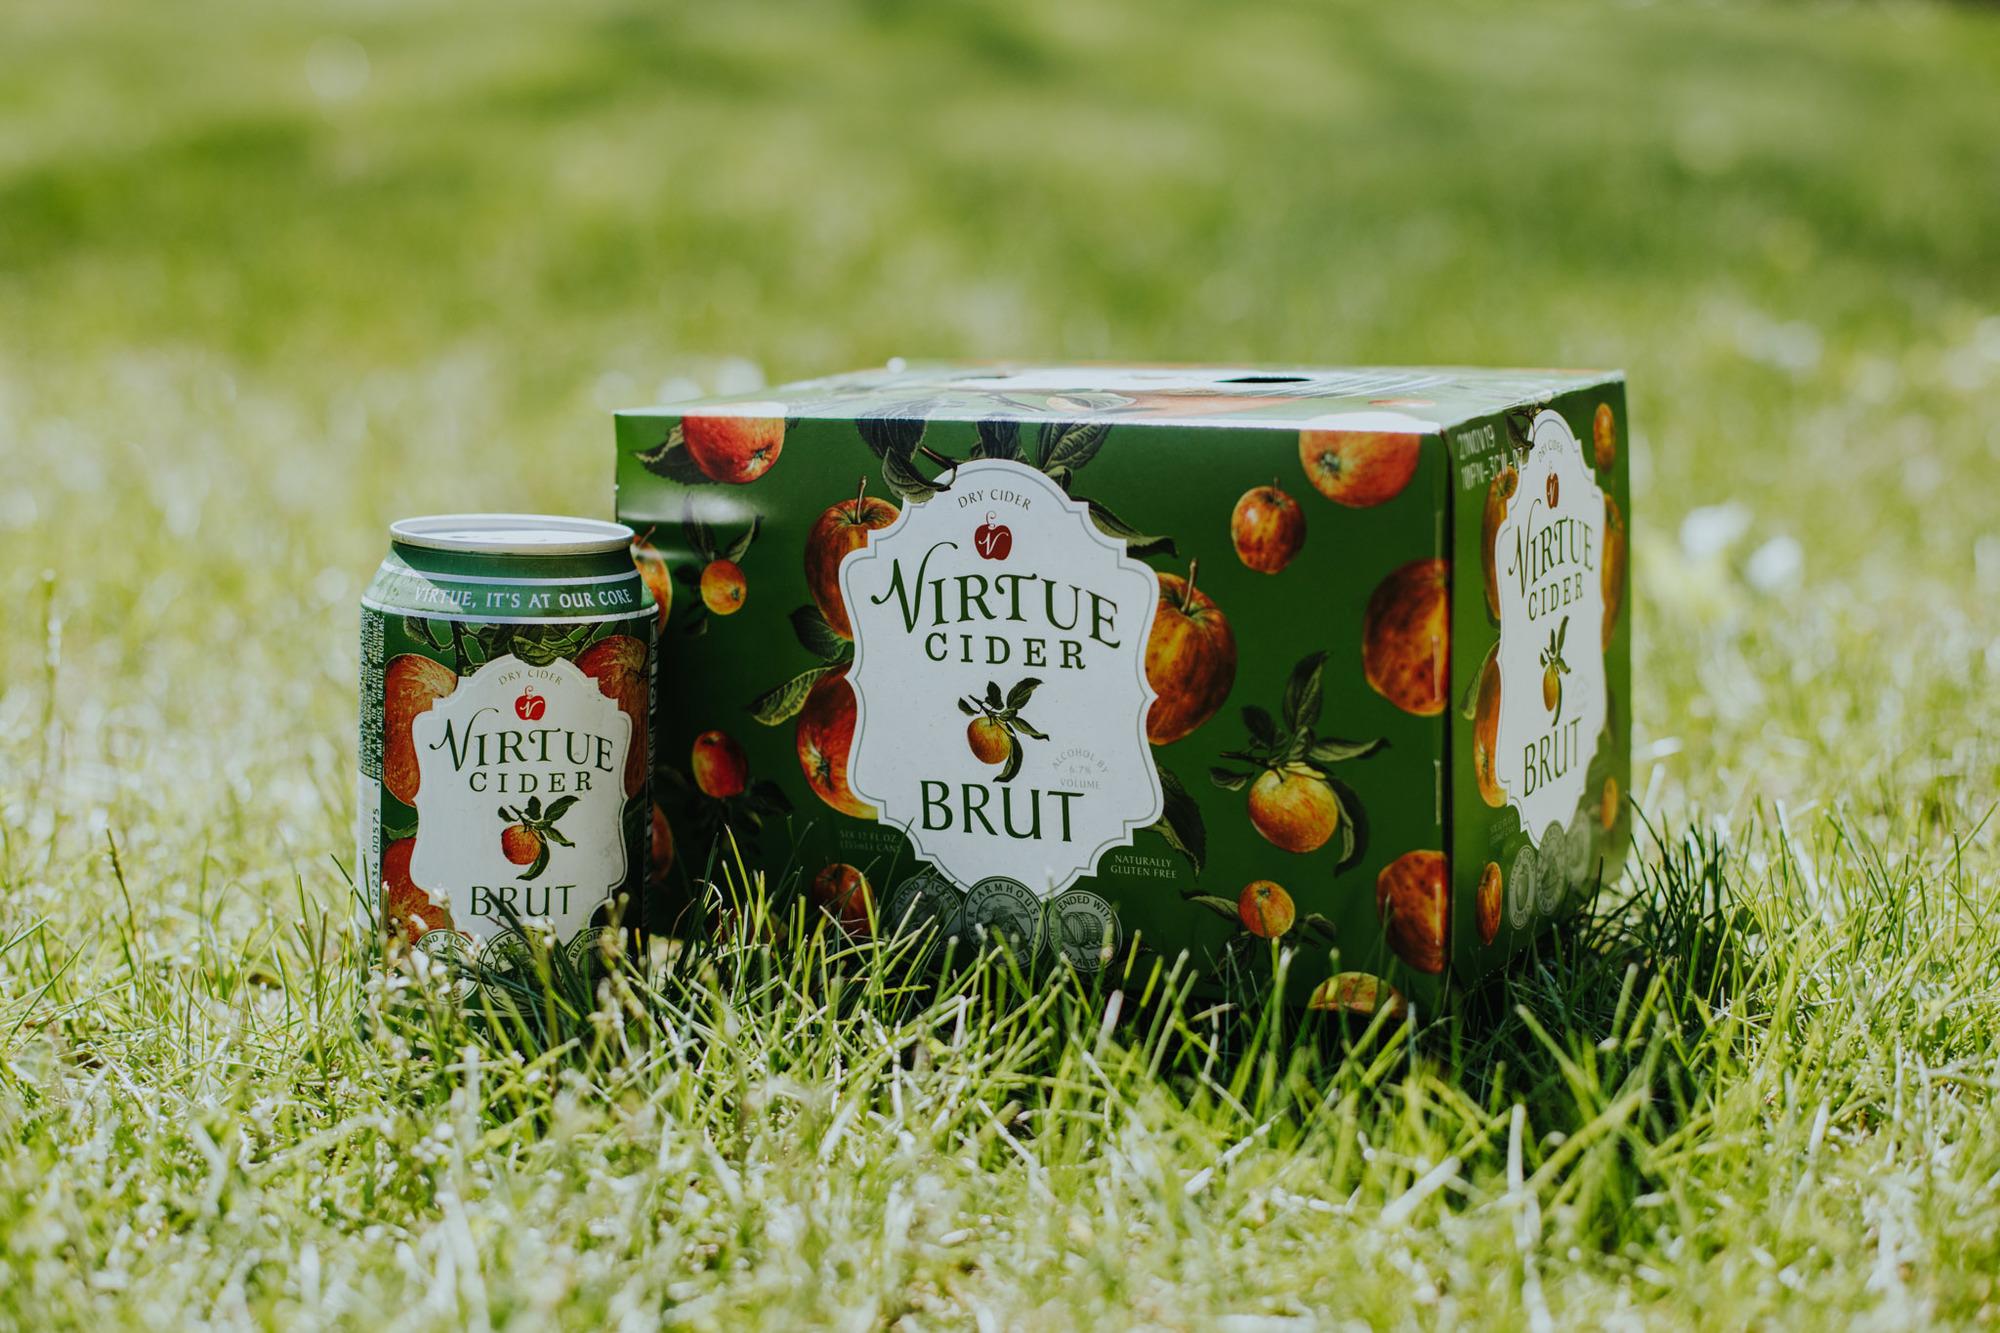 Virtue Brut beer Label Full Size